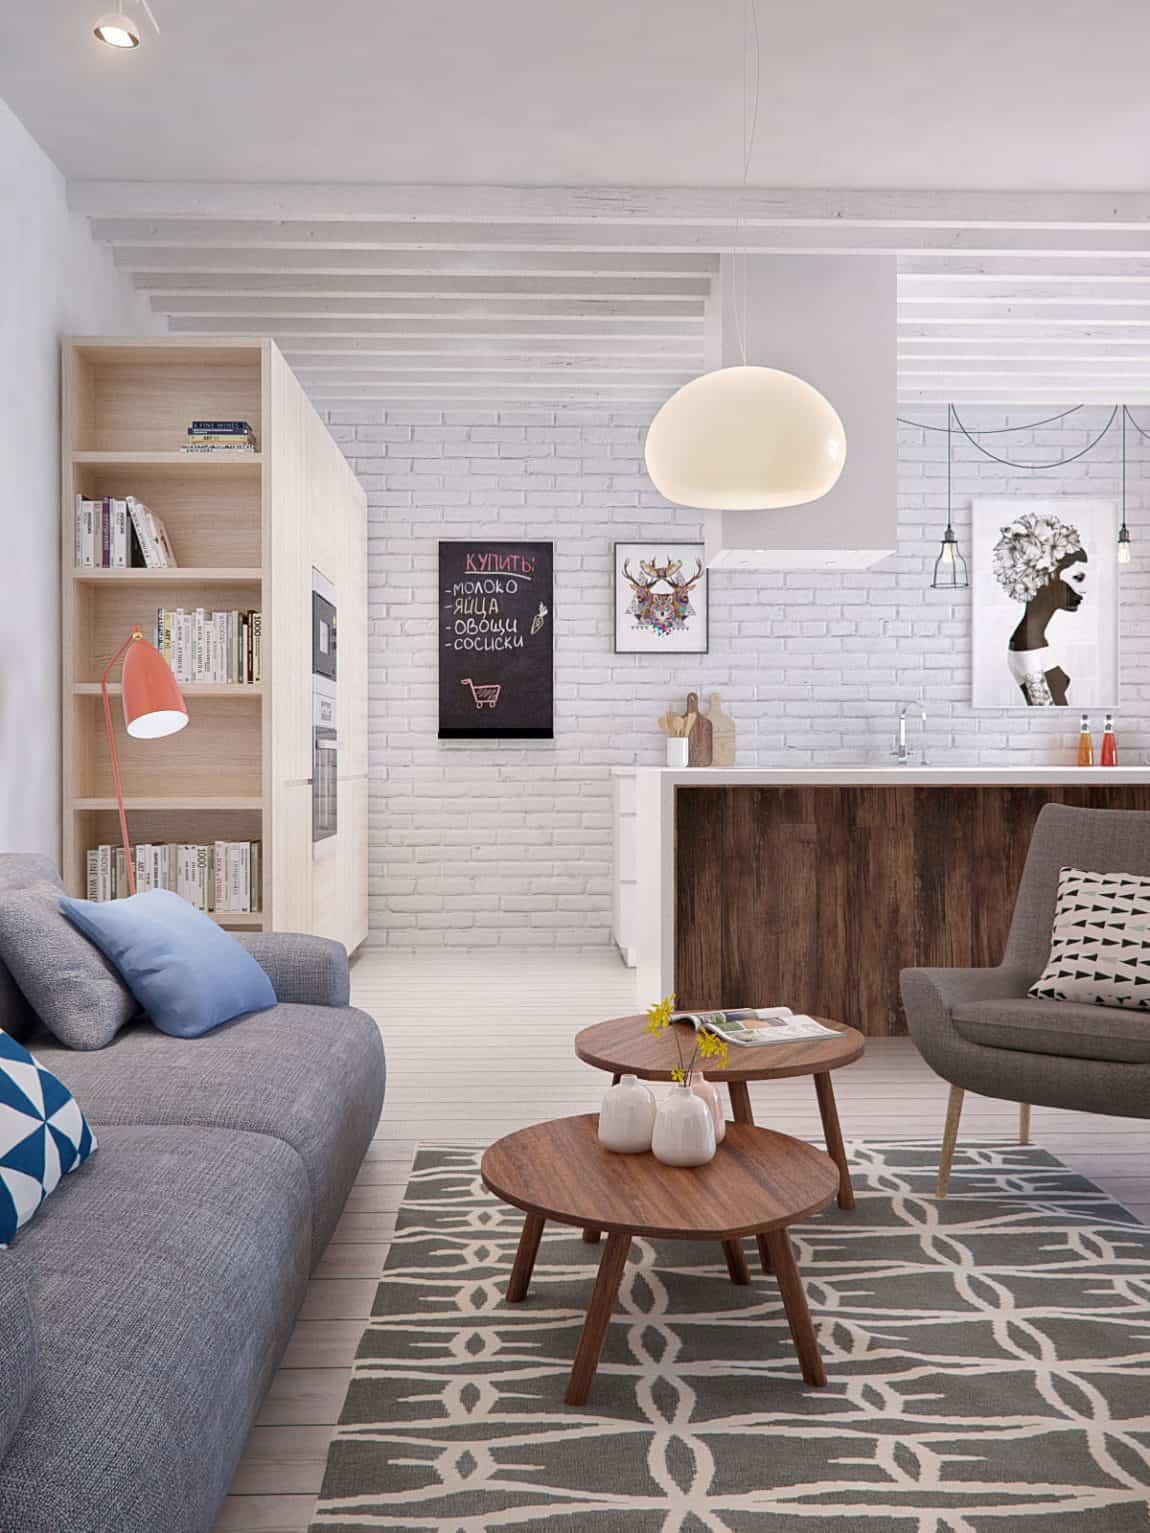 Interior DI by INT2 architecture (4)